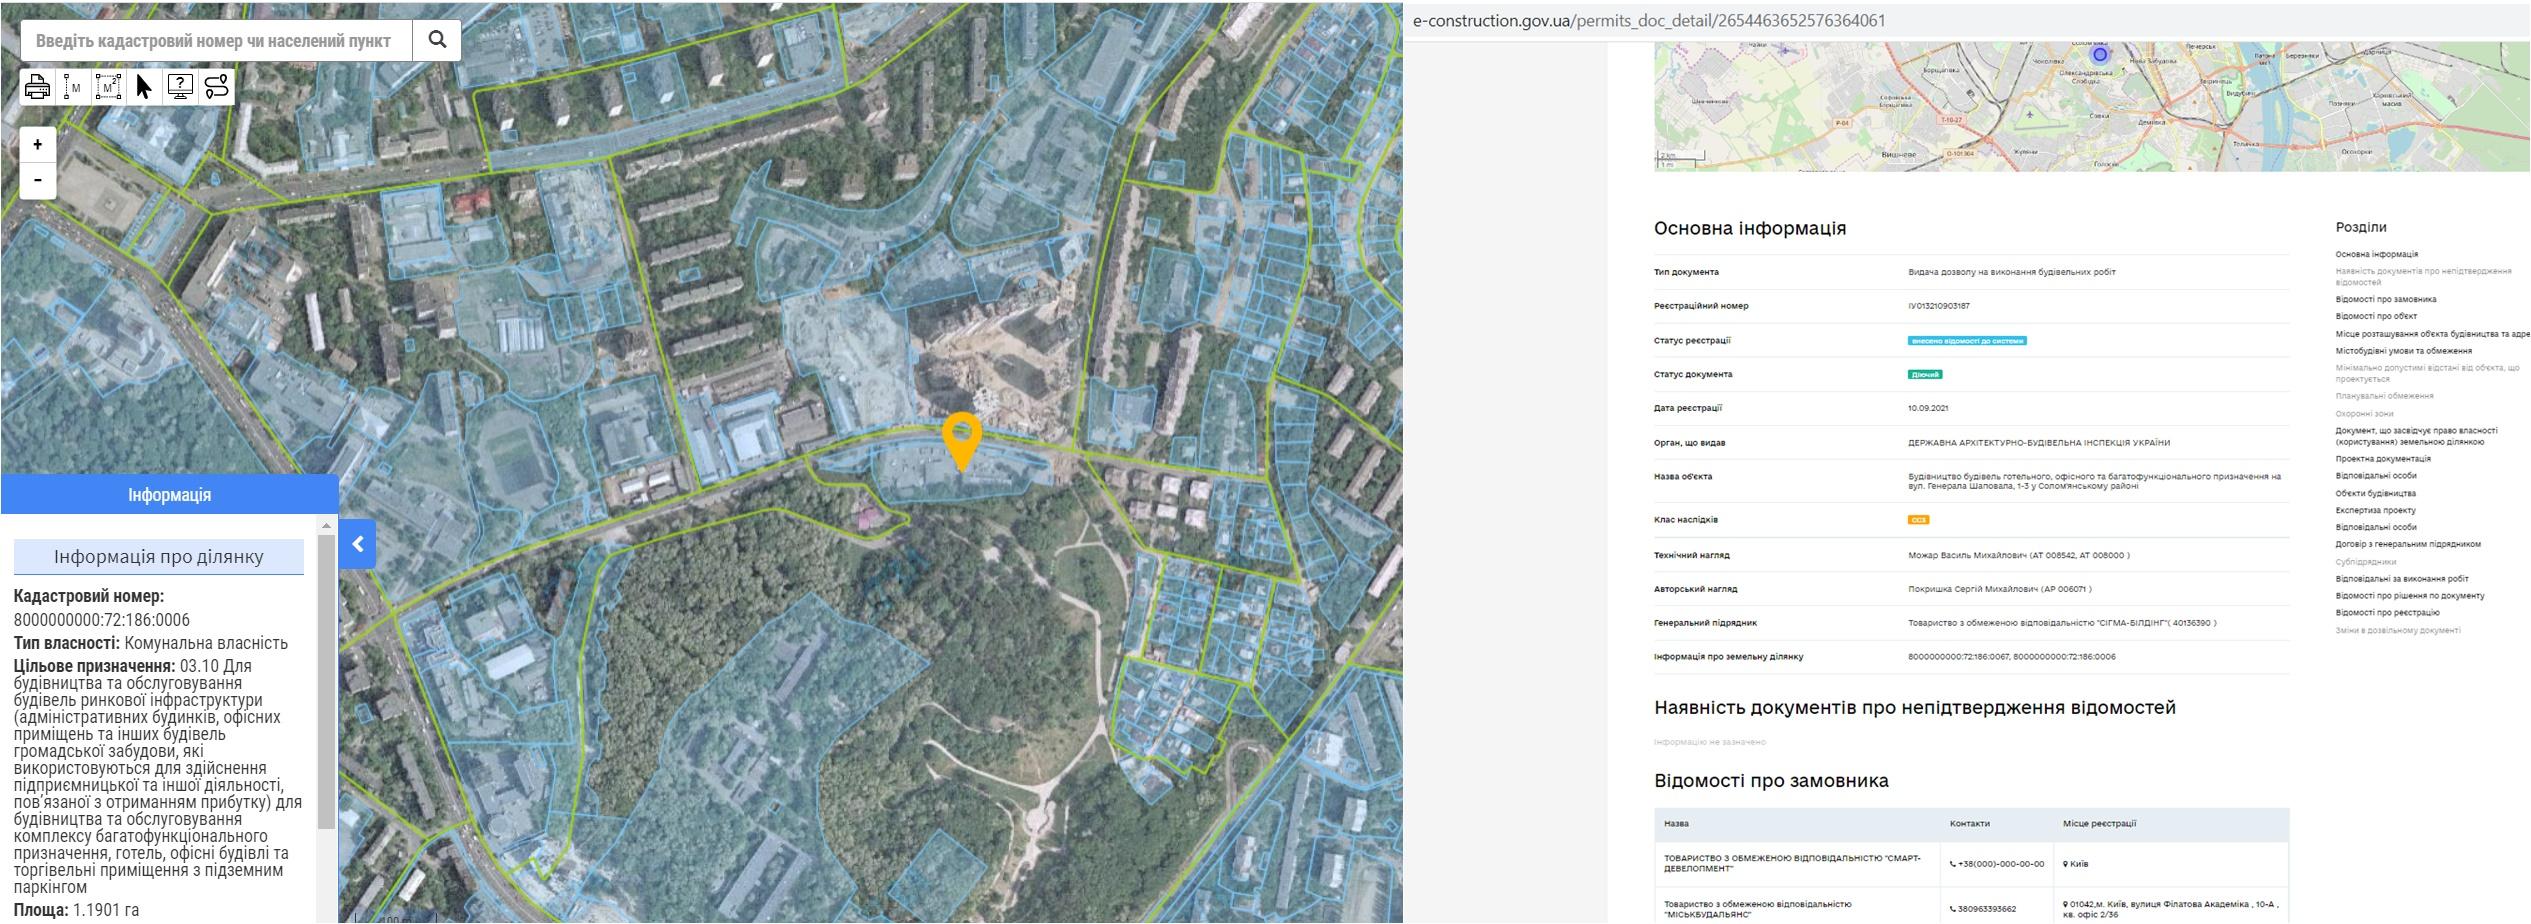 Проект МФК по ул. генерала Шаповала, 1-3 данные кадастра и Разрешение в реестре